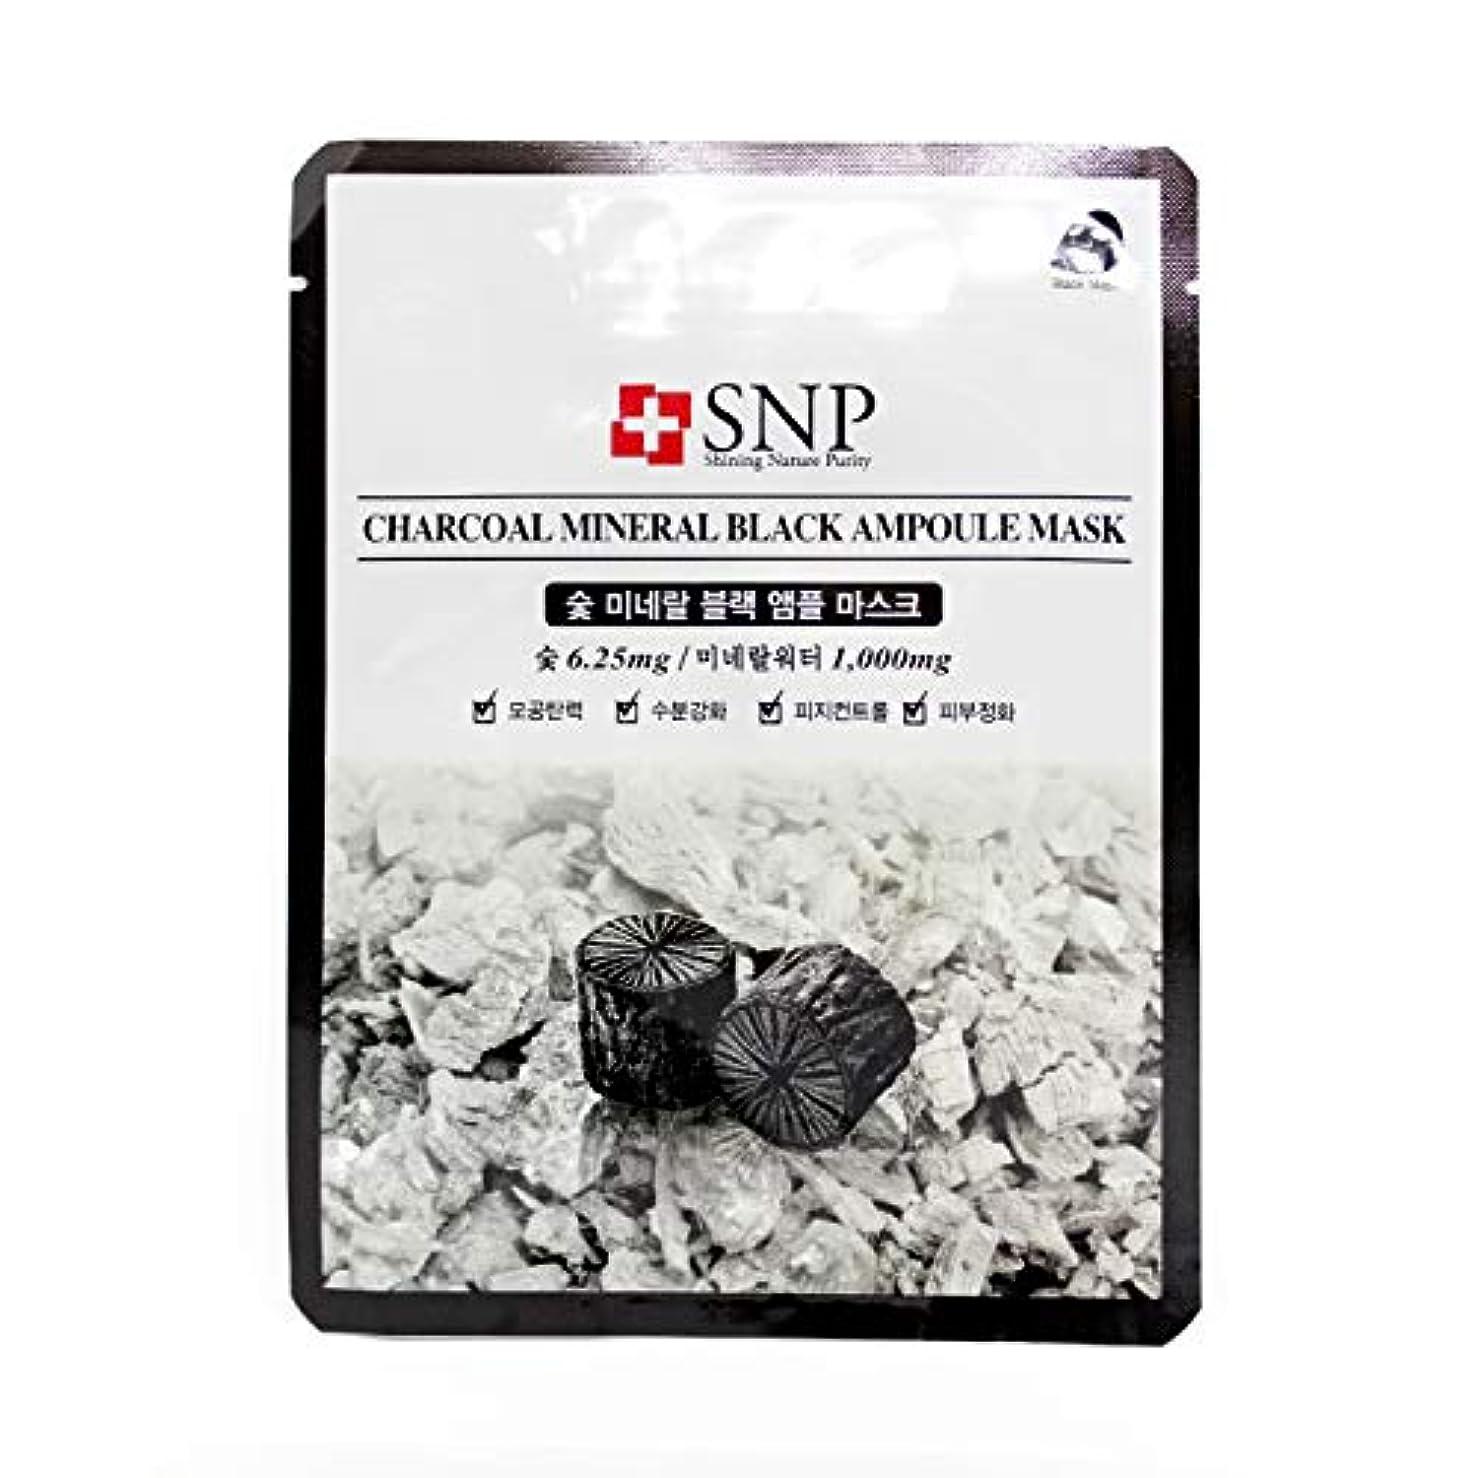 キャロラインスクラッチ校長SNP エスエヌピー 炭 ミネラル ブラック アンプル マスク 10枚セット